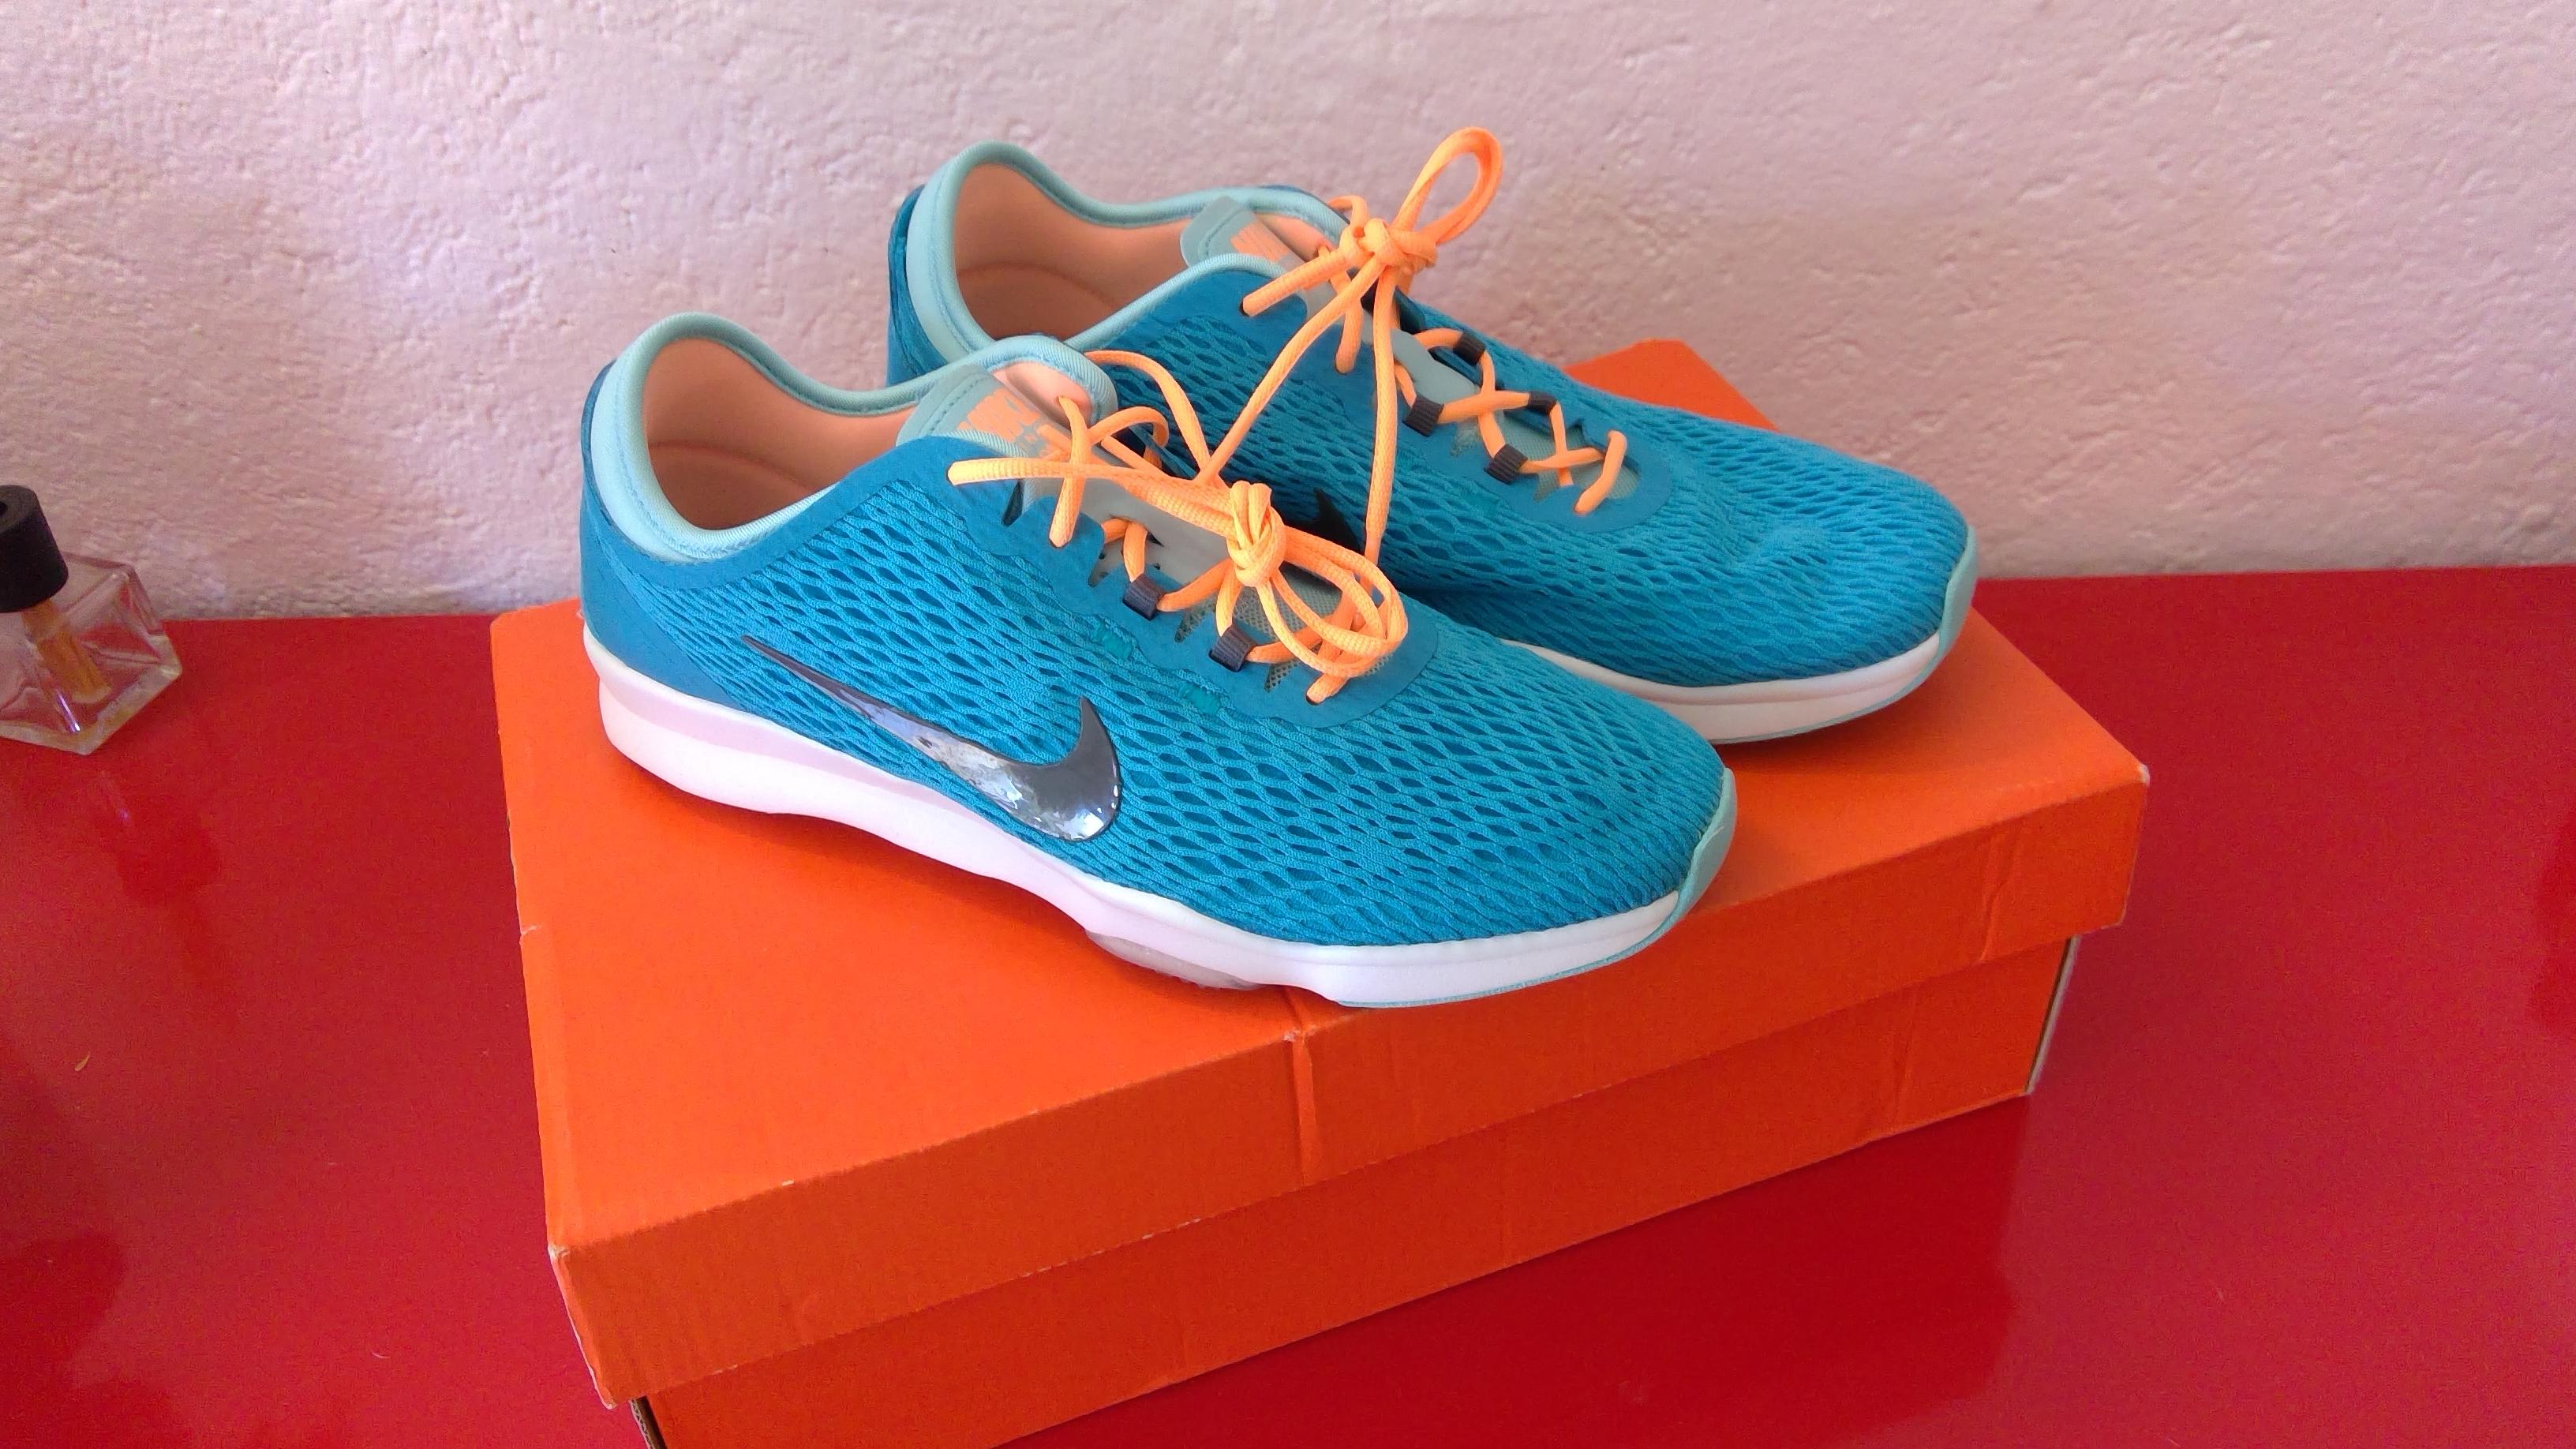 Nike Sportschuhe / Freizeitschuhe